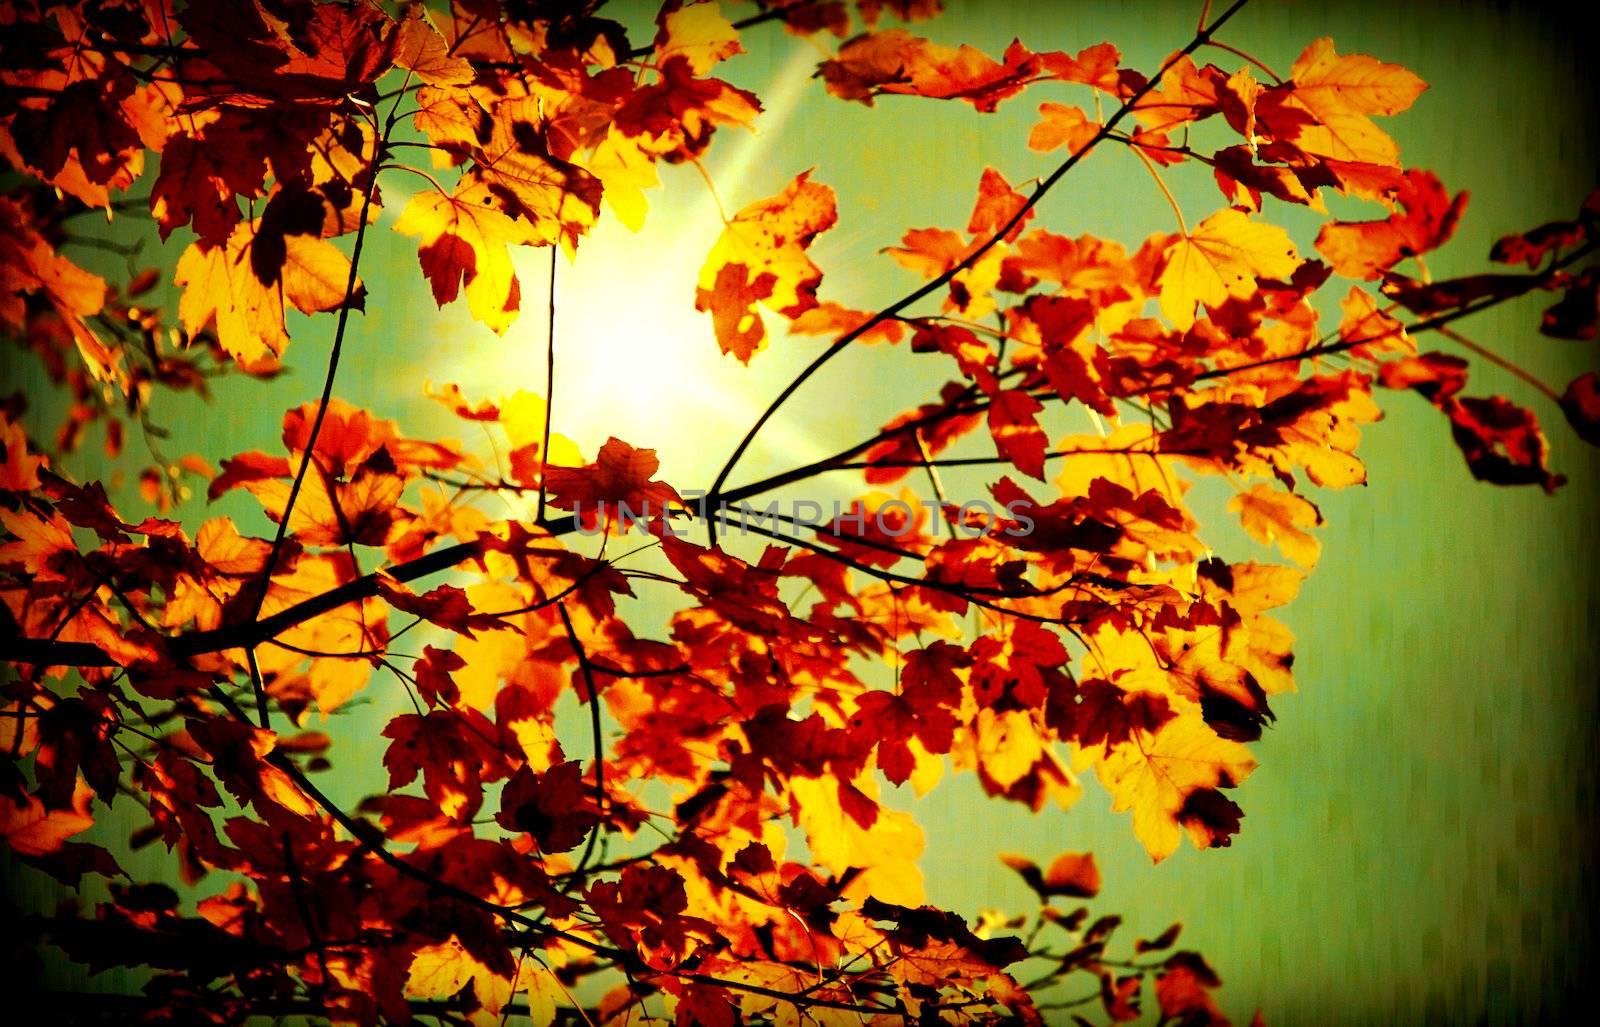 Grunge autumn dark background with sunlight